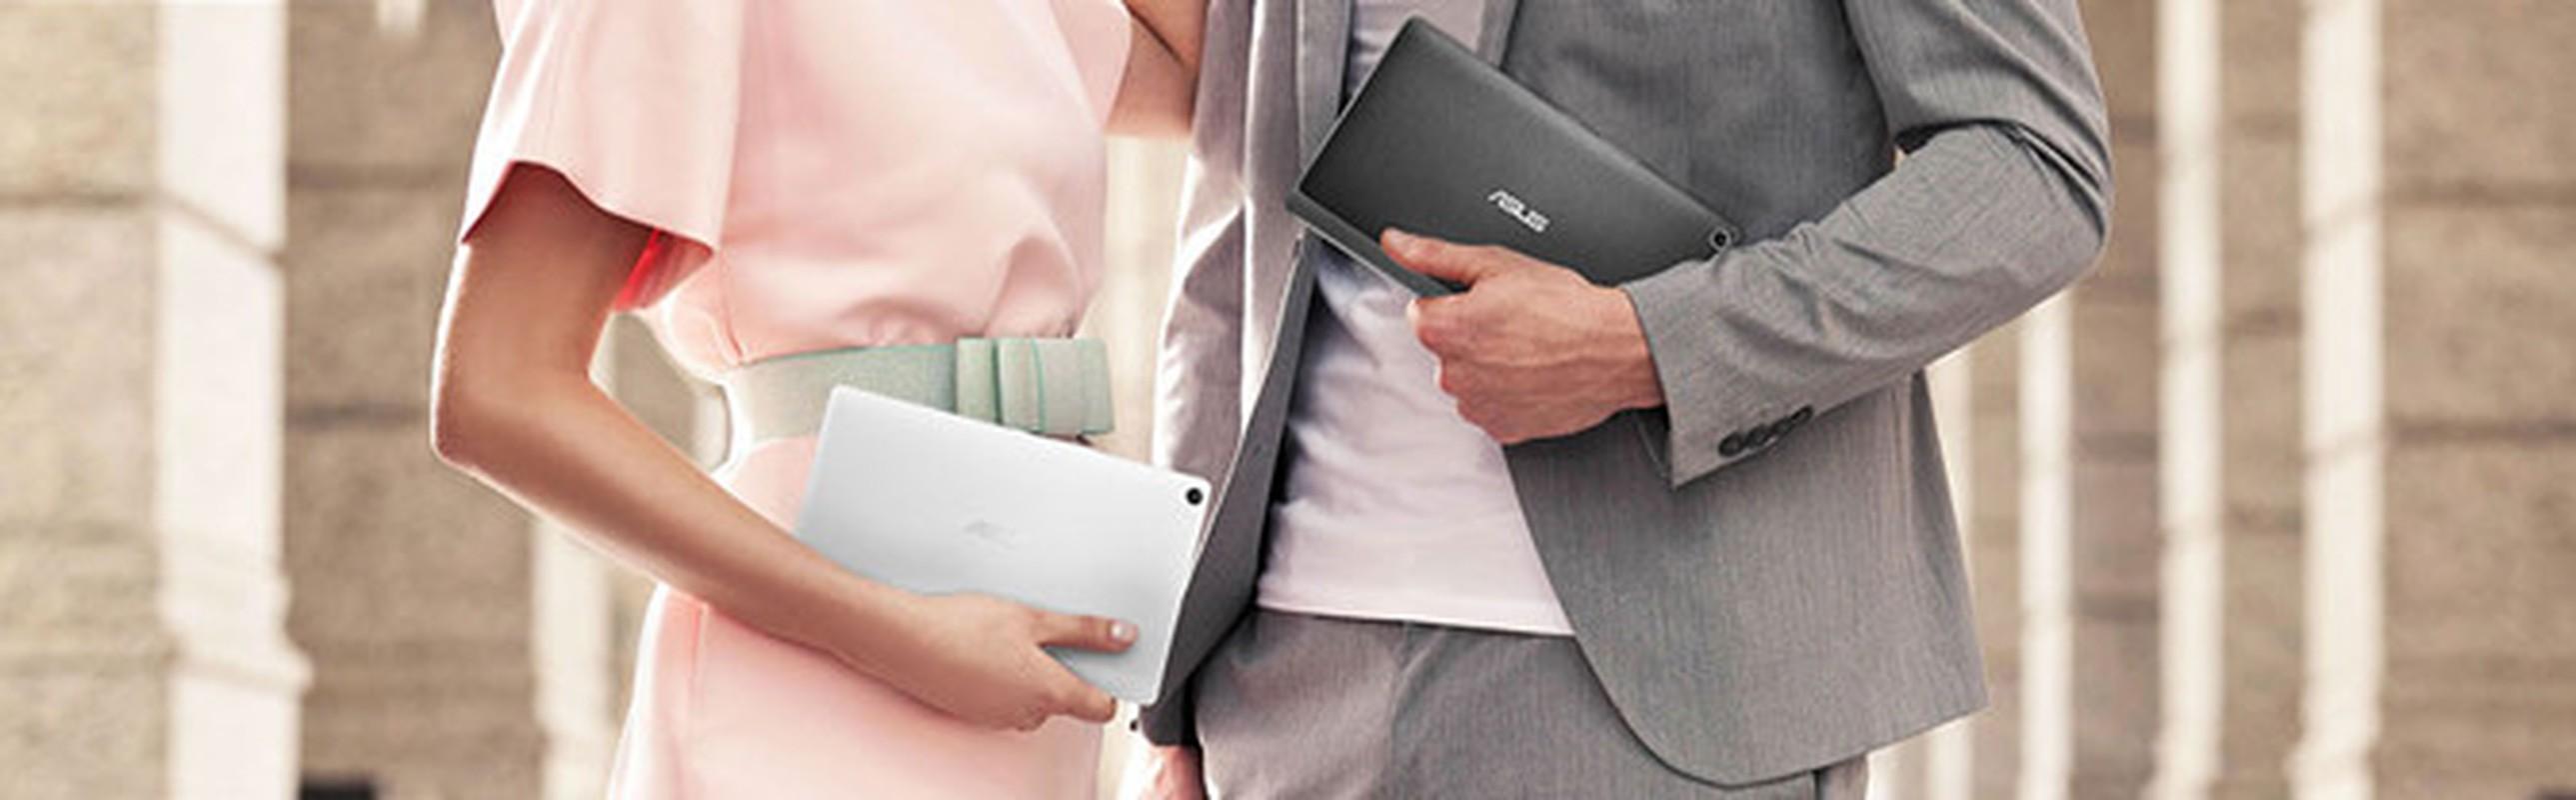 Ngam cap may tinh bang gia re Asus ZenPad 8 va 10